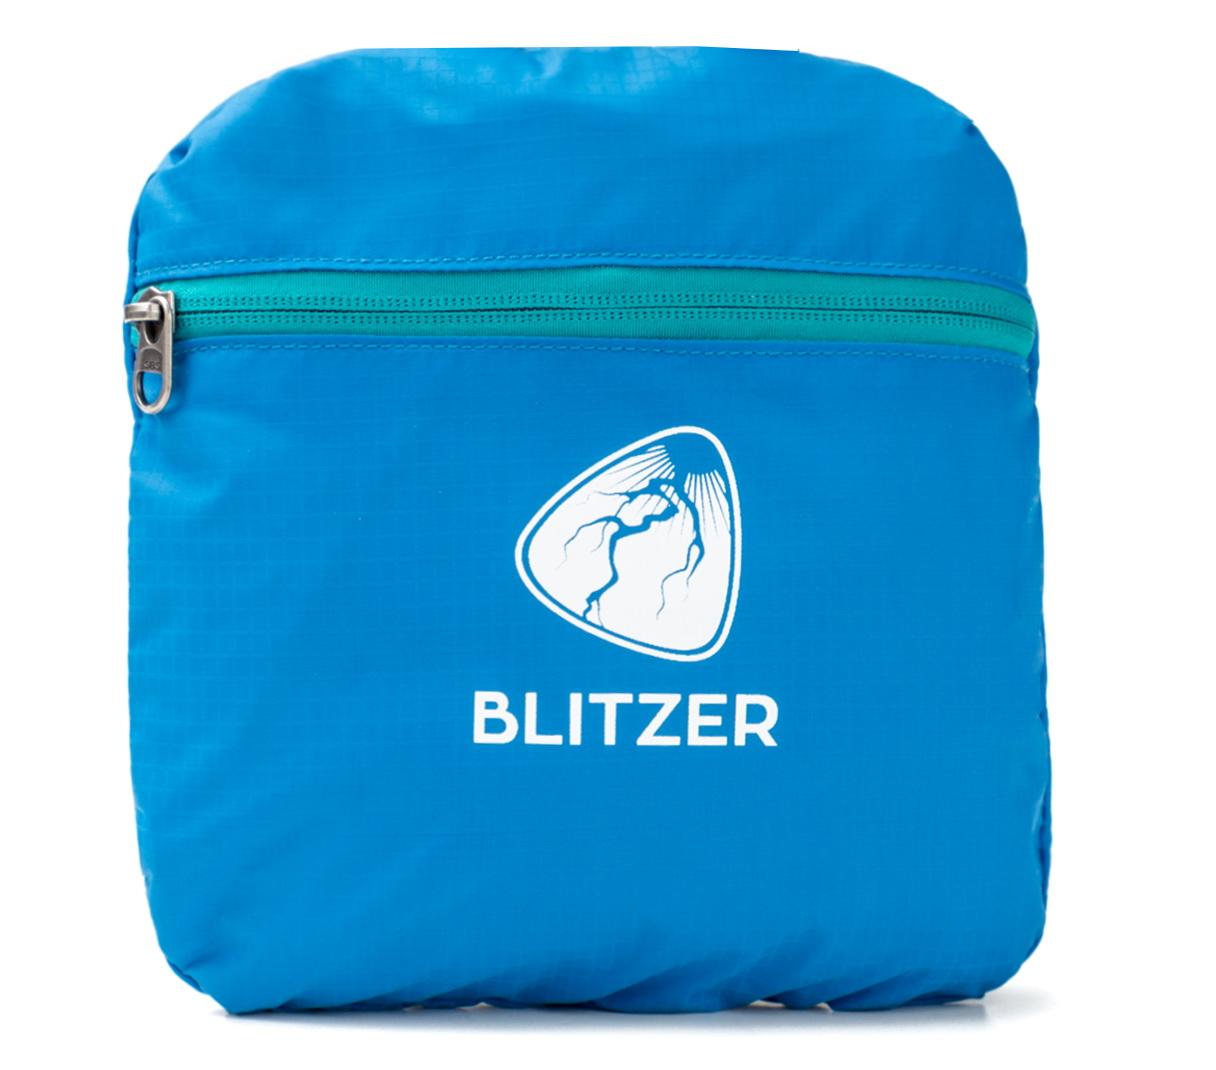 Blitzer Ultra Leichter Rucksack [300g] - 25L Fassungsvolumen